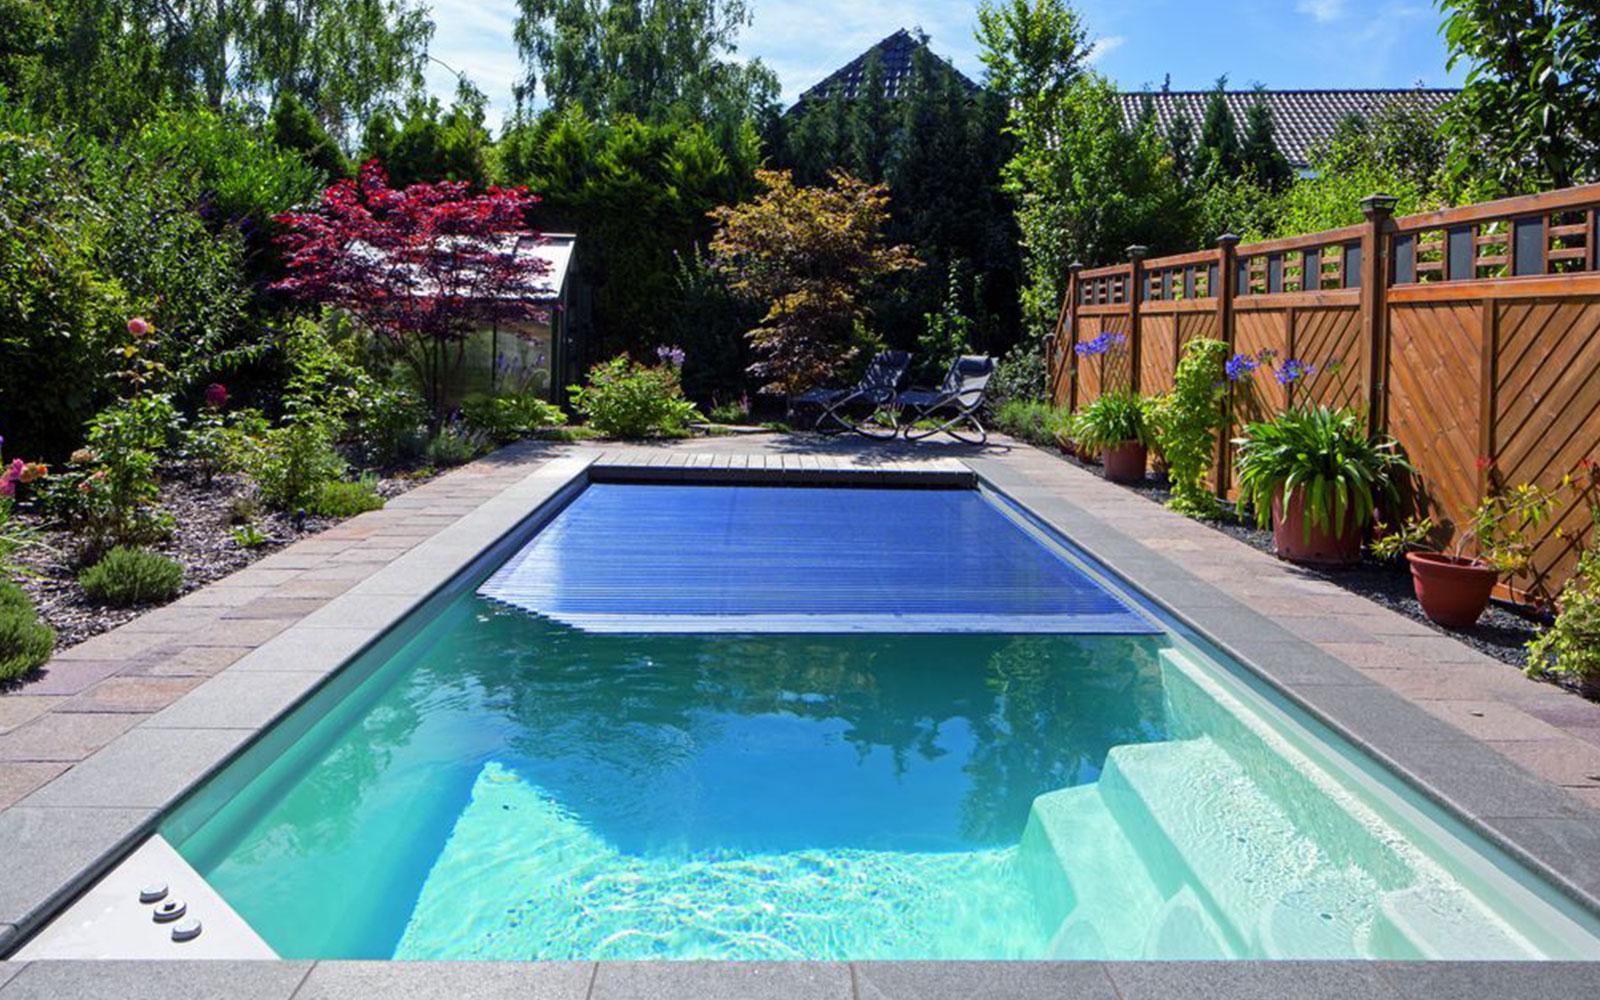 abdeckungen pool und becken planen schwimmbadservice. Black Bedroom Furniture Sets. Home Design Ideas